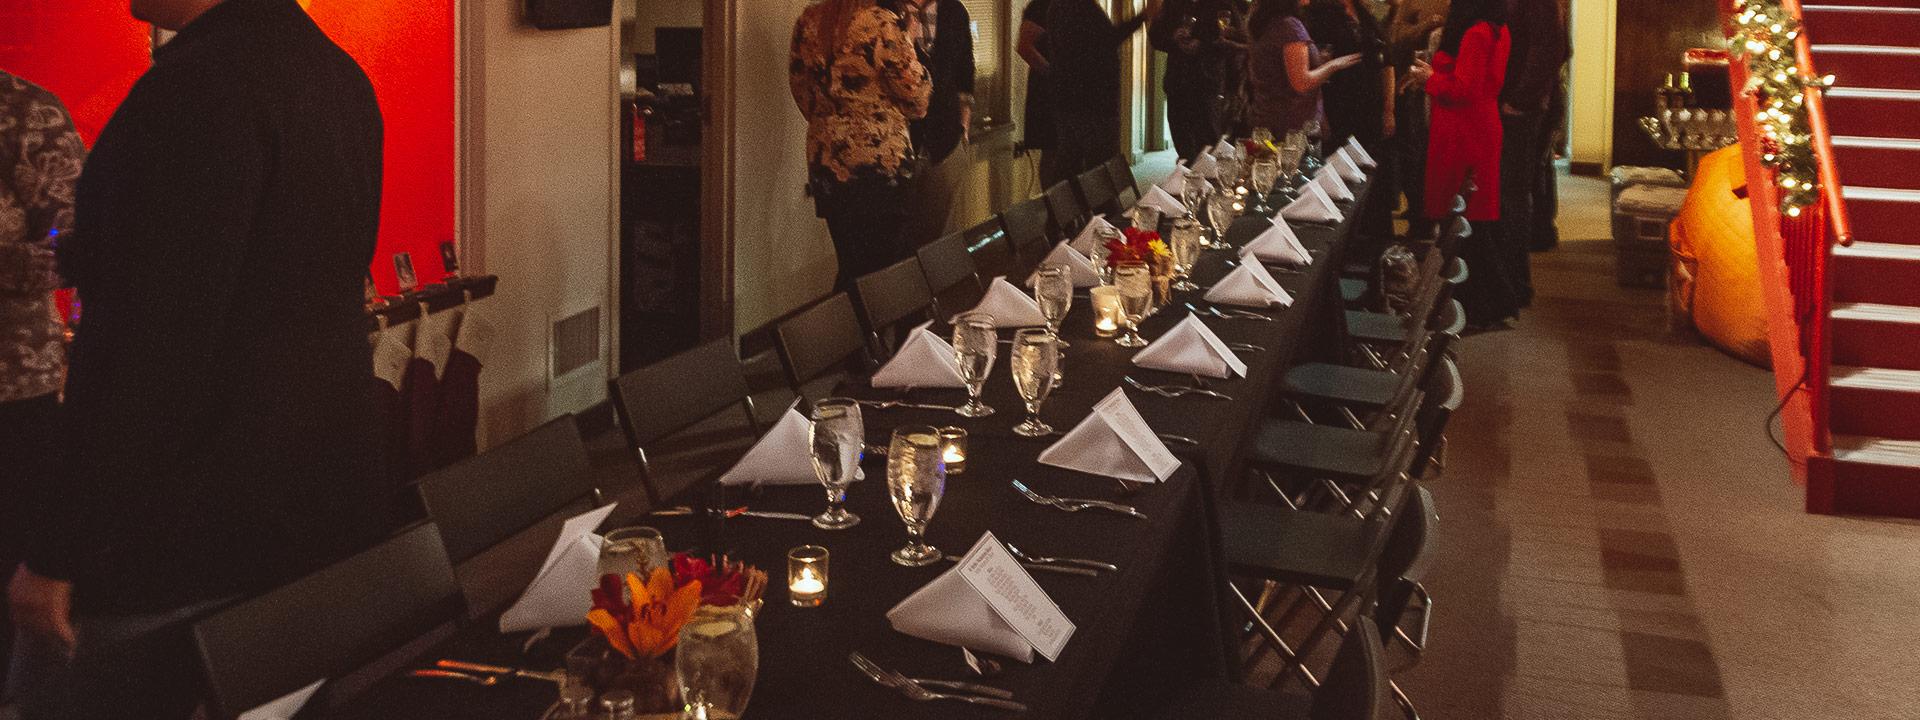 Thanksgiving at Digital-Tutors